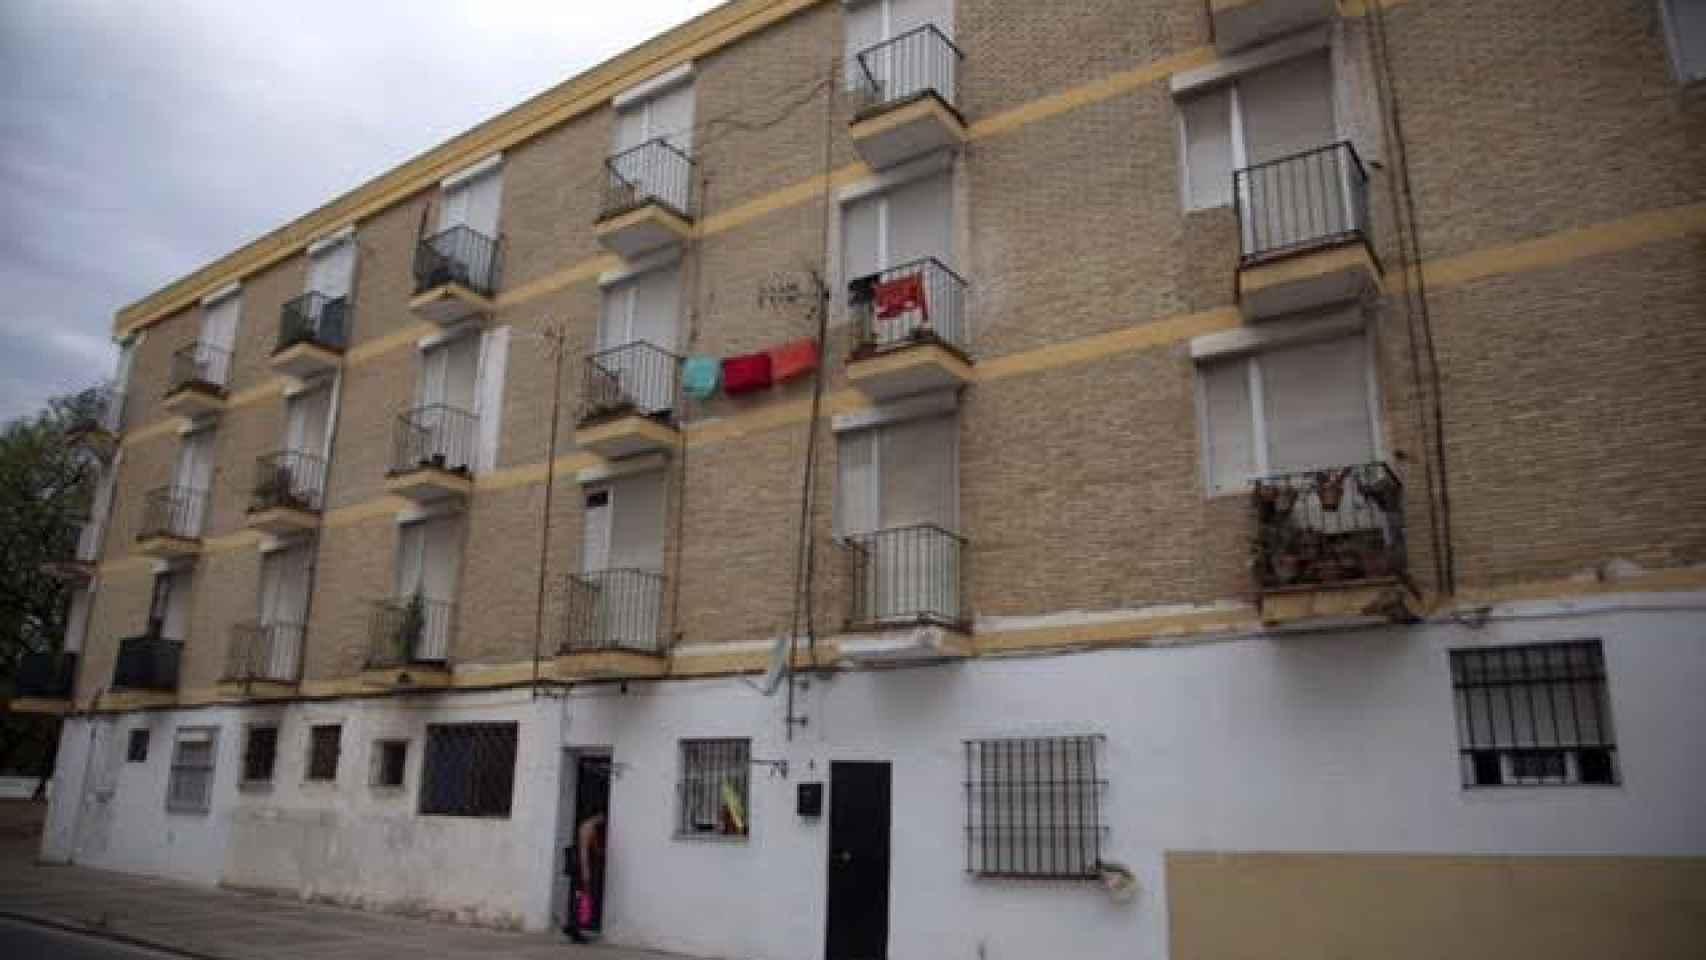 Fachada del 'bloque de las viudas', situado en la barriada de La Plata de Jerez. /Fernando Ruso